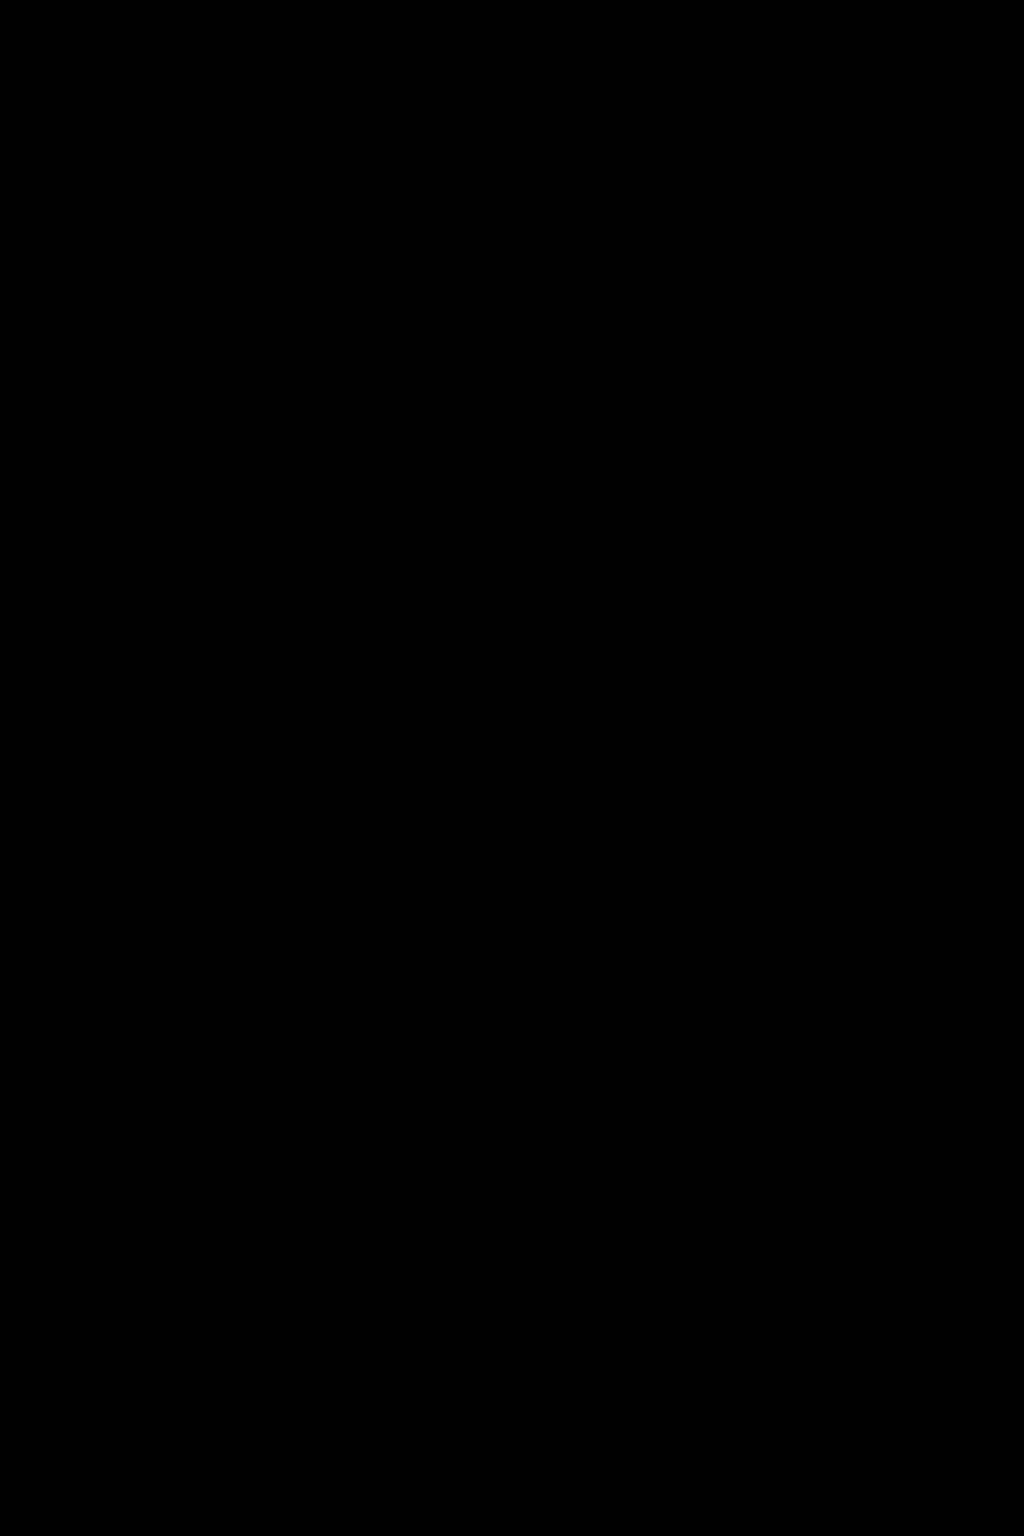 קציצות מנגולד- Swiss chard patties